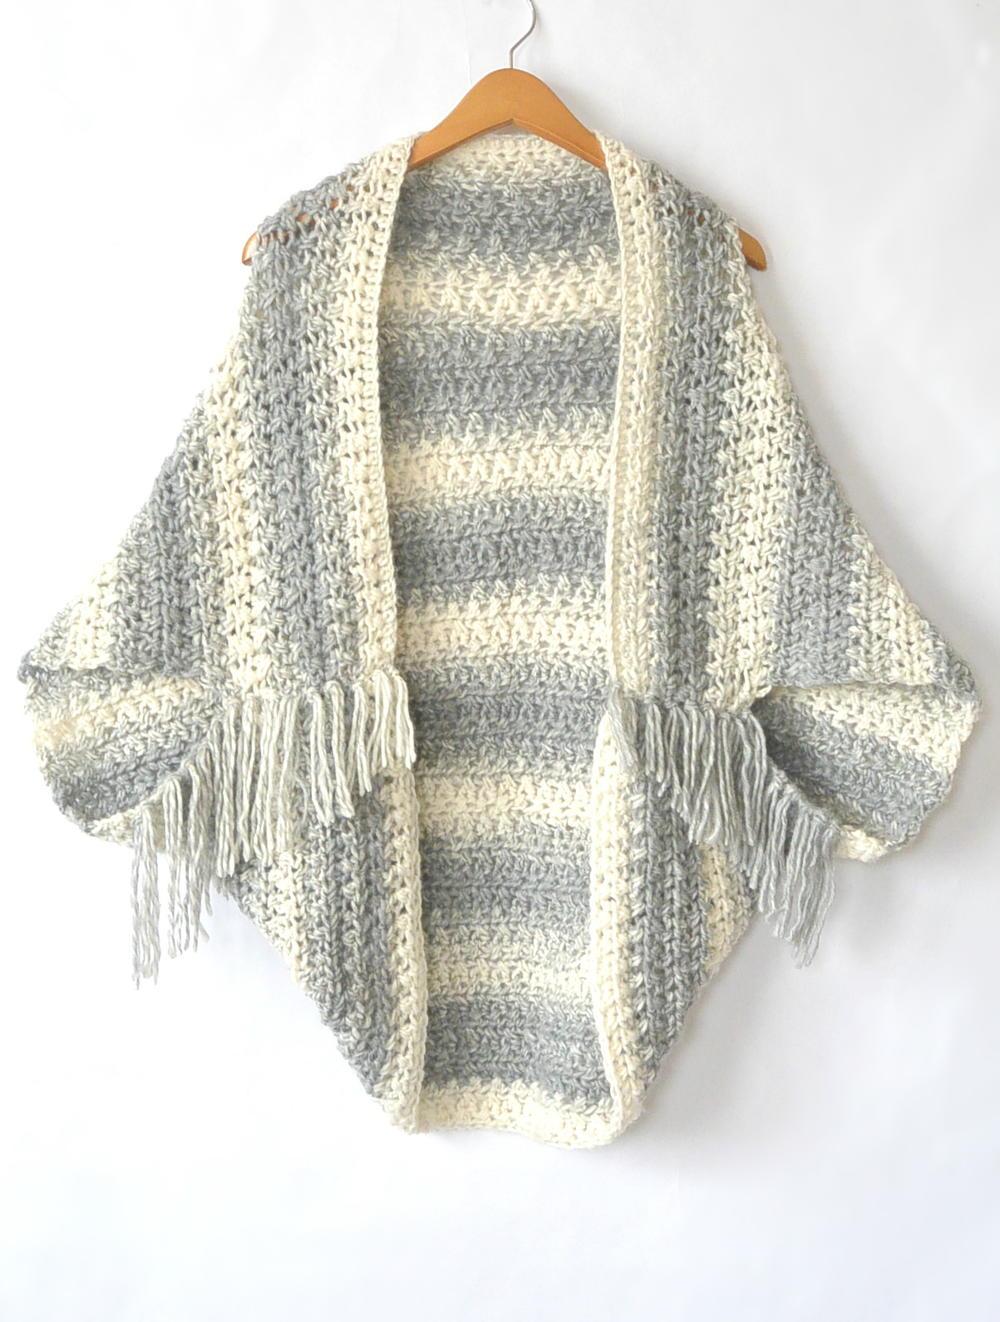 Easy Light Frost Crochet Blanket Sweater Shrug | AllFreeCrochet.com